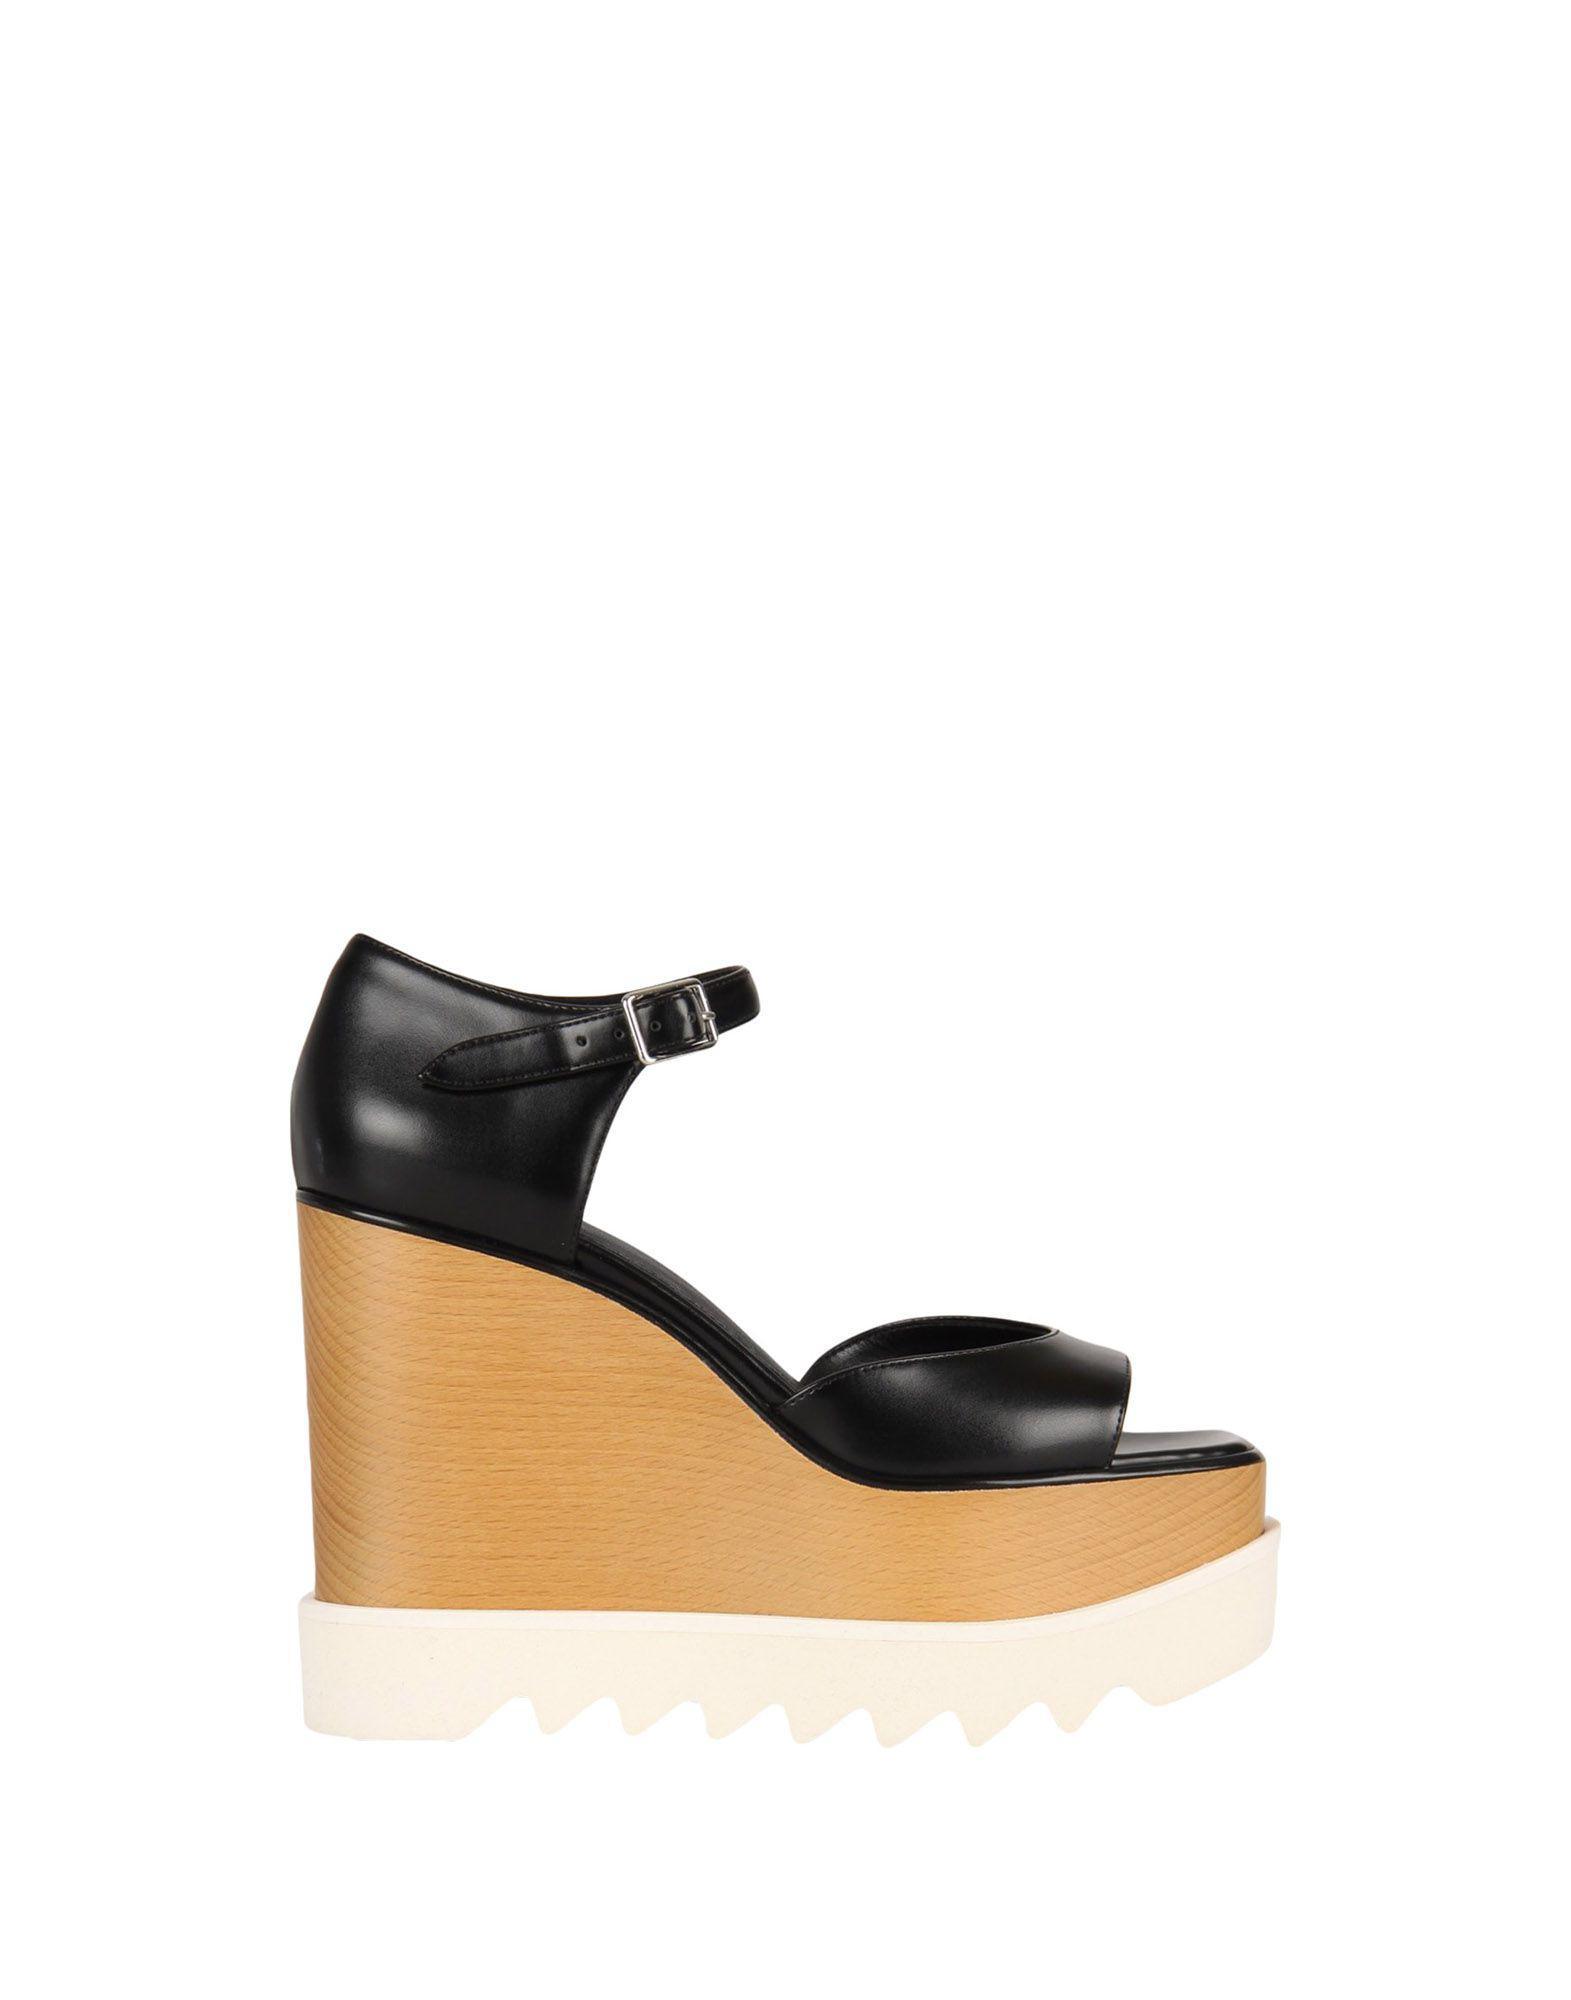 6f90a50ca77 Lyst - Stella McCartney Elyse Sandals in Black - Save 10.828025477707001%